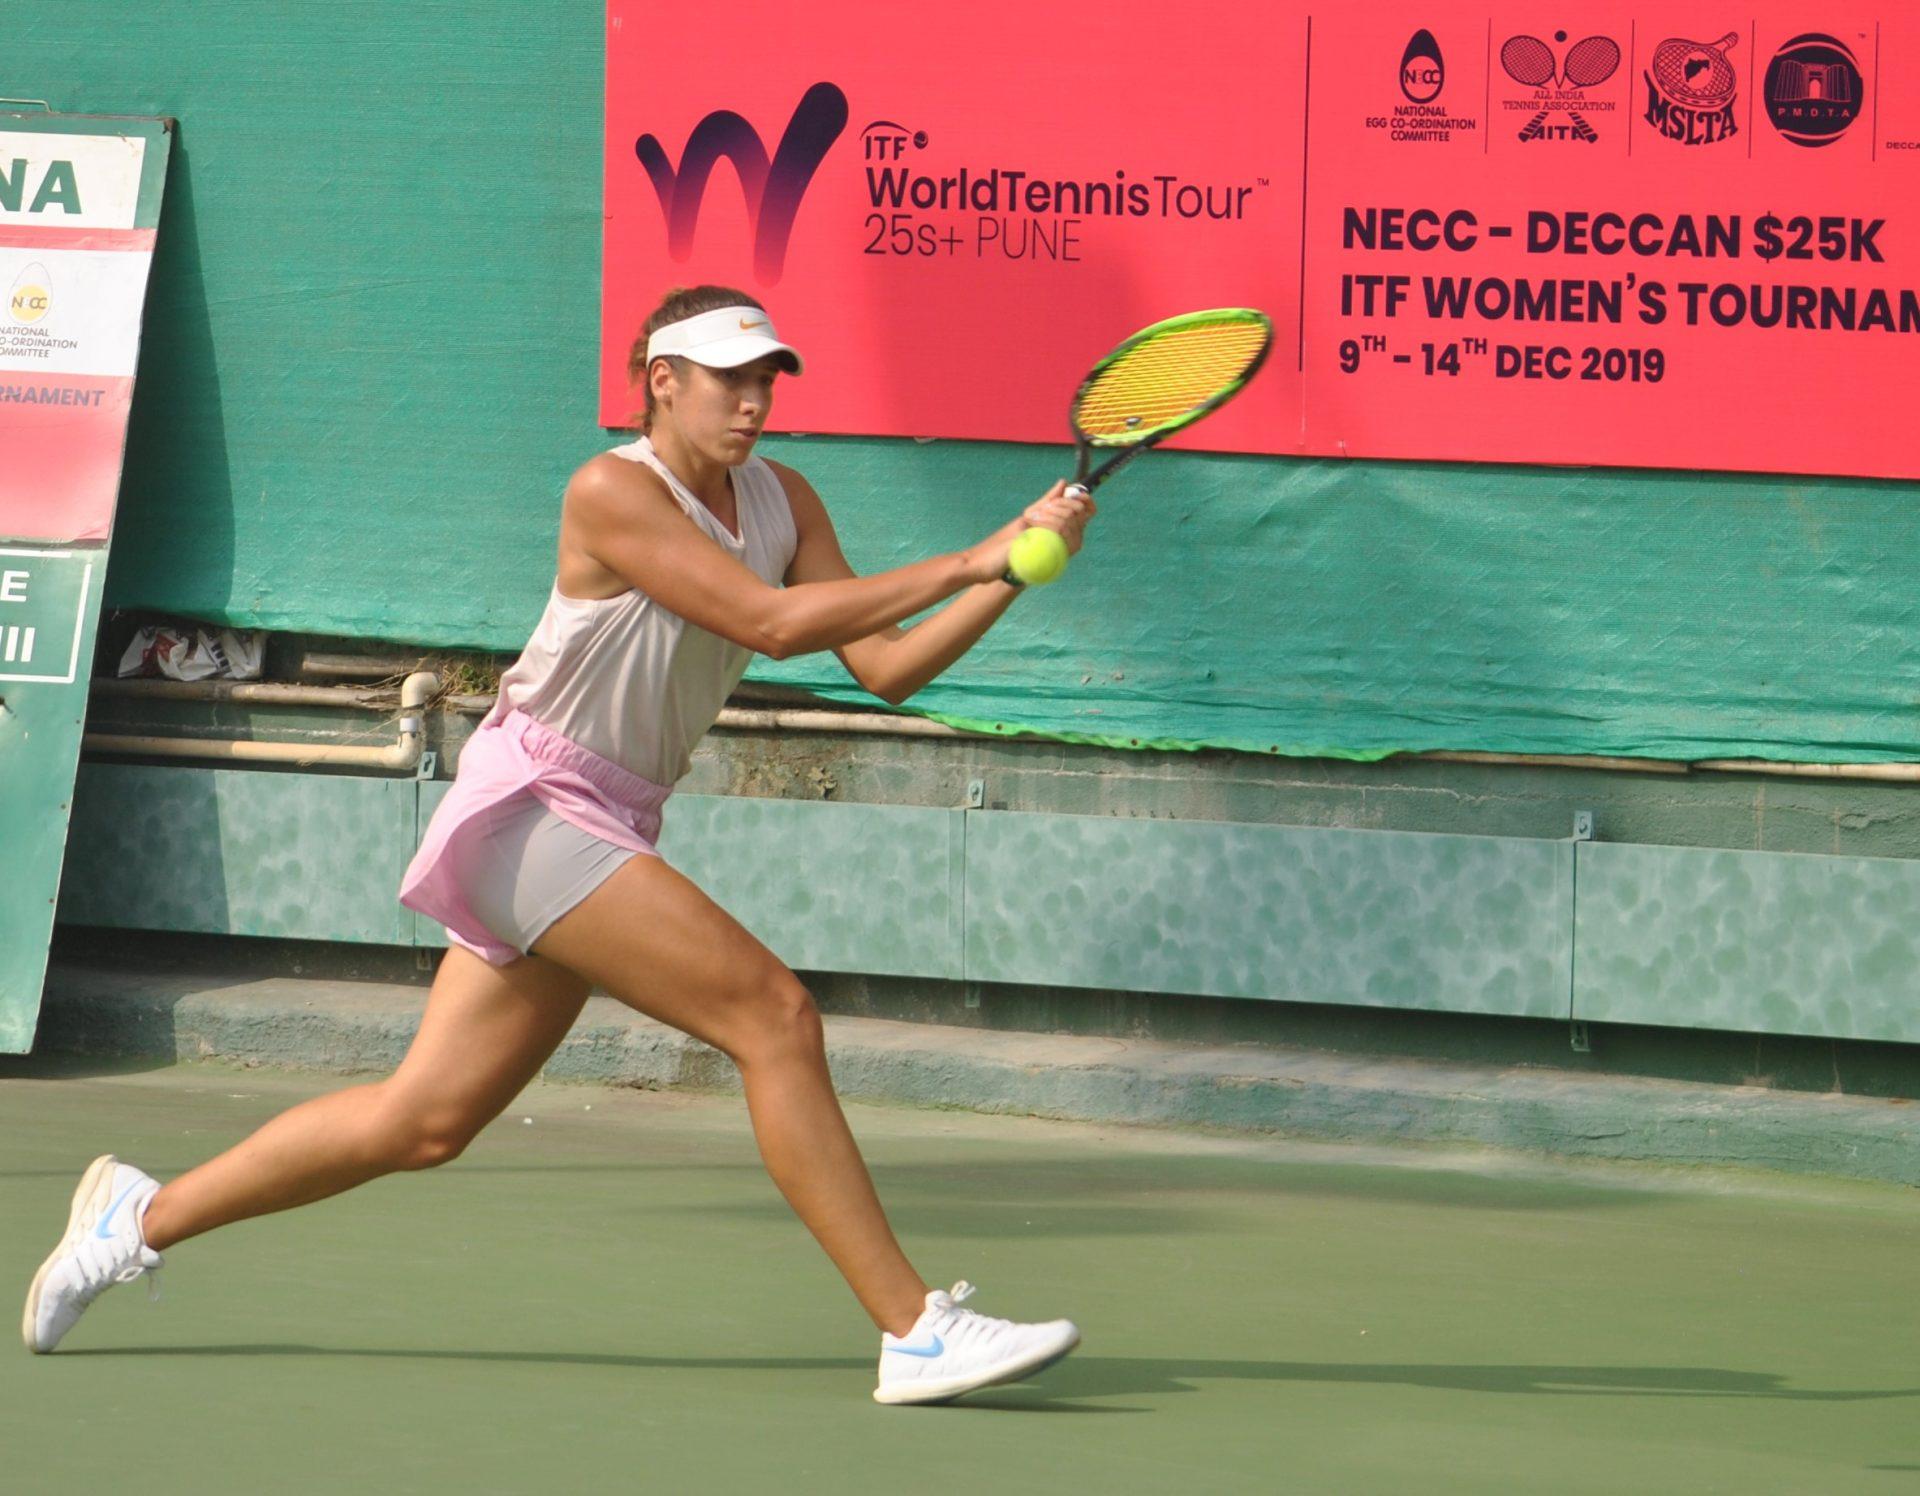 19व्या एनइसीसी डेक्कन आयटीएफ 25000डॉलर महिला टेनिस अजिंक्यपद स्पर्धेत  जेनिफर लुईखेम या एकेमव भारताच्या खेळाडूचा पात्रता फेरीच्या दुसऱ्या चरणात प्रवेश